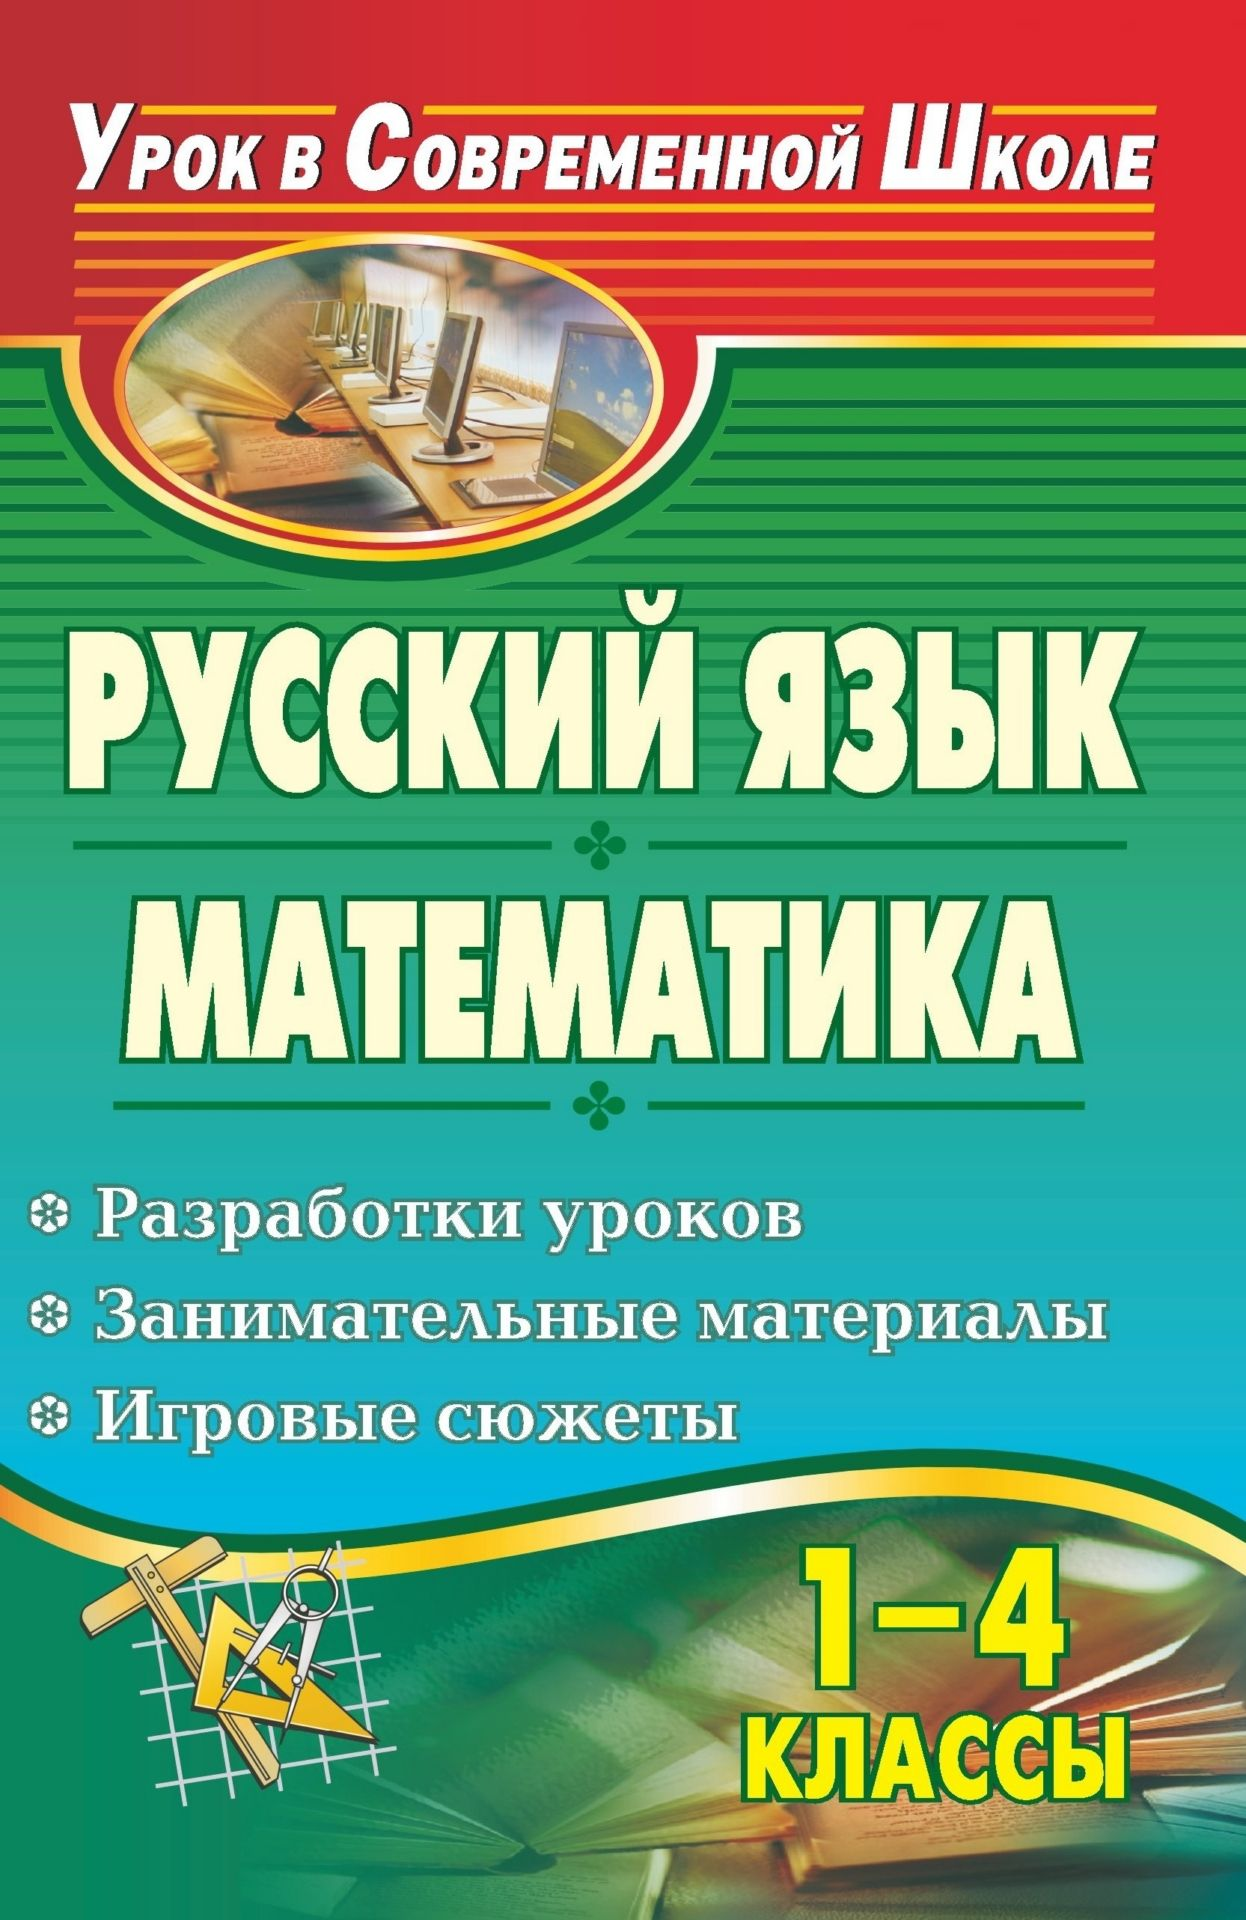 Русский язык. Математика. 1-4 классы: разработки уроков, занимательные материалы, игровые сюжеты